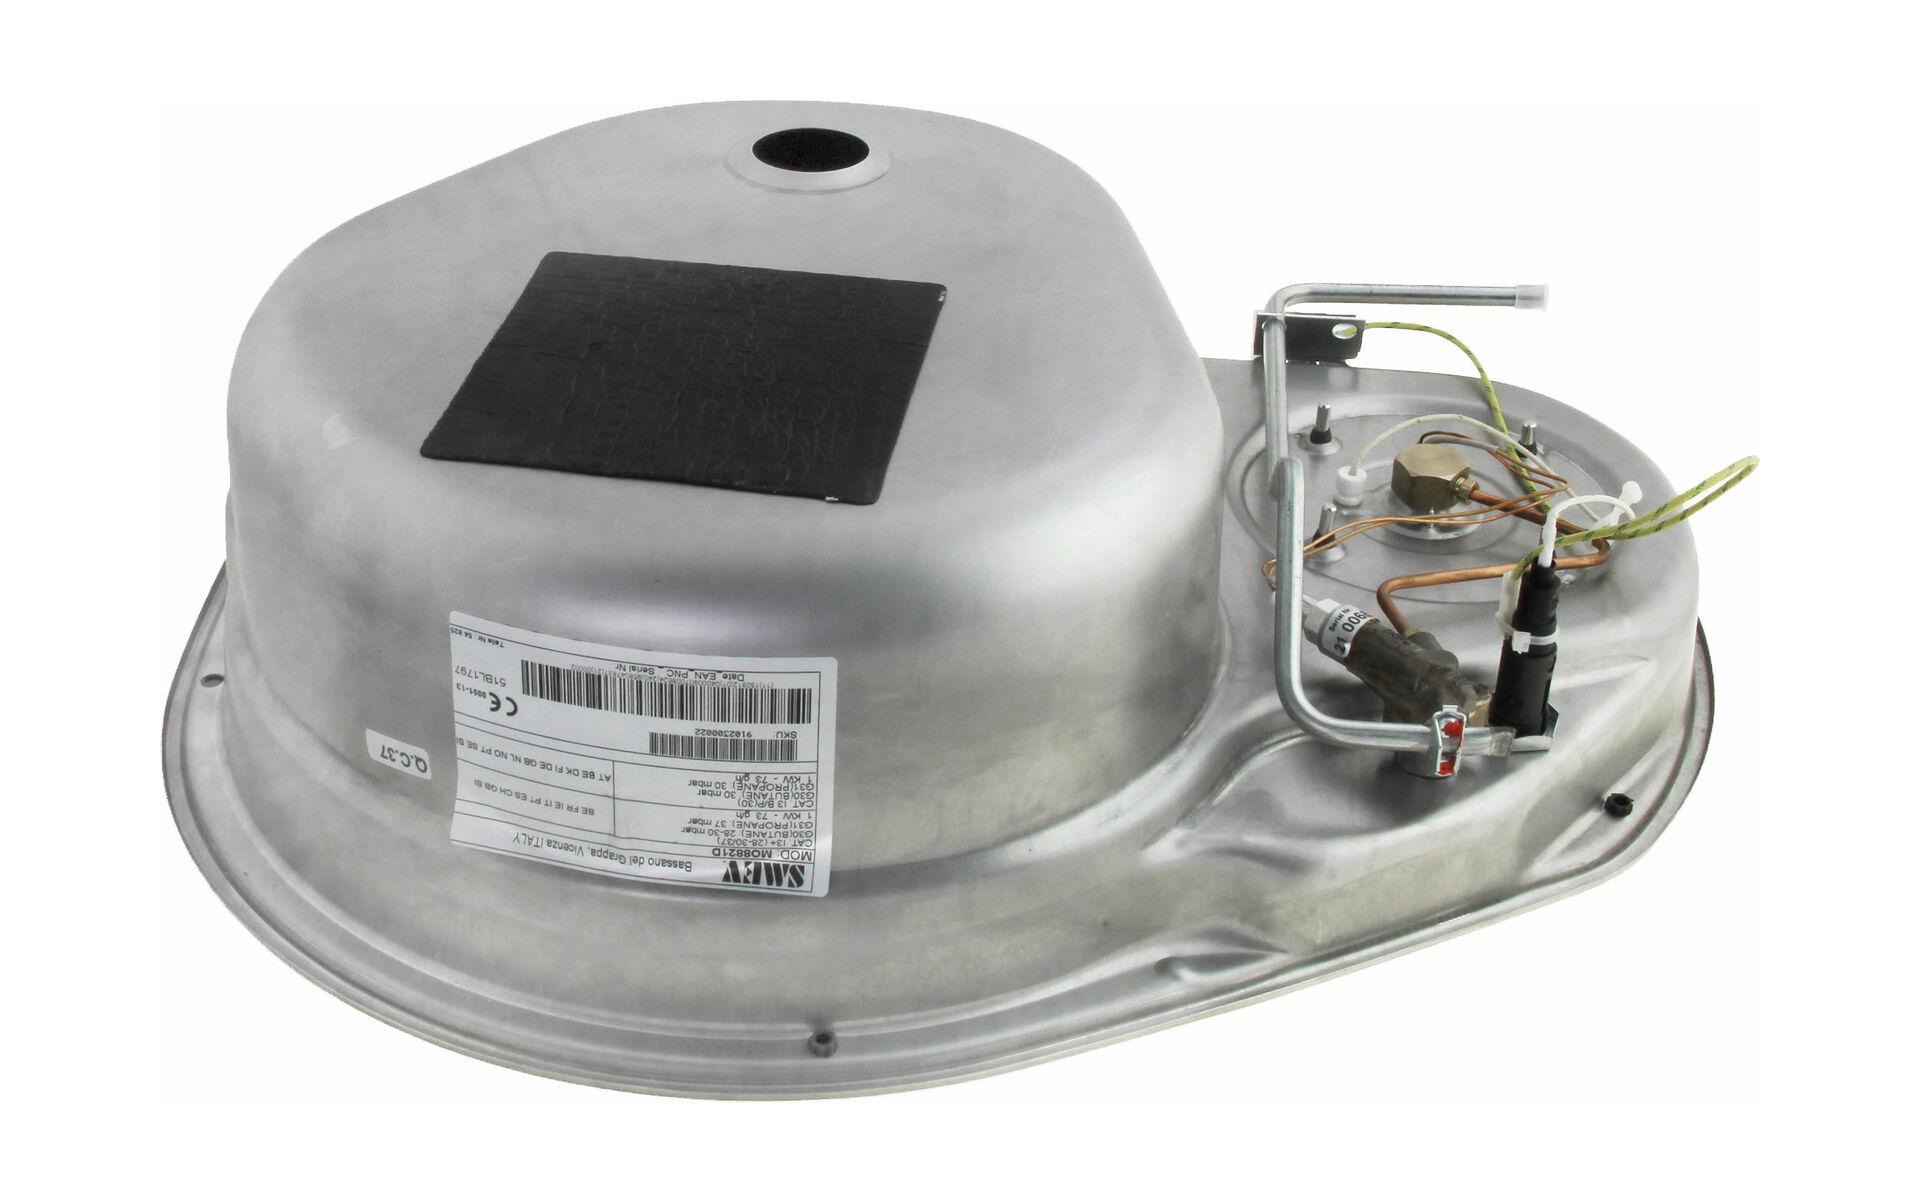 Juego de instalaci/ón de grifo para fregadero R//H Dometic Smev 8821